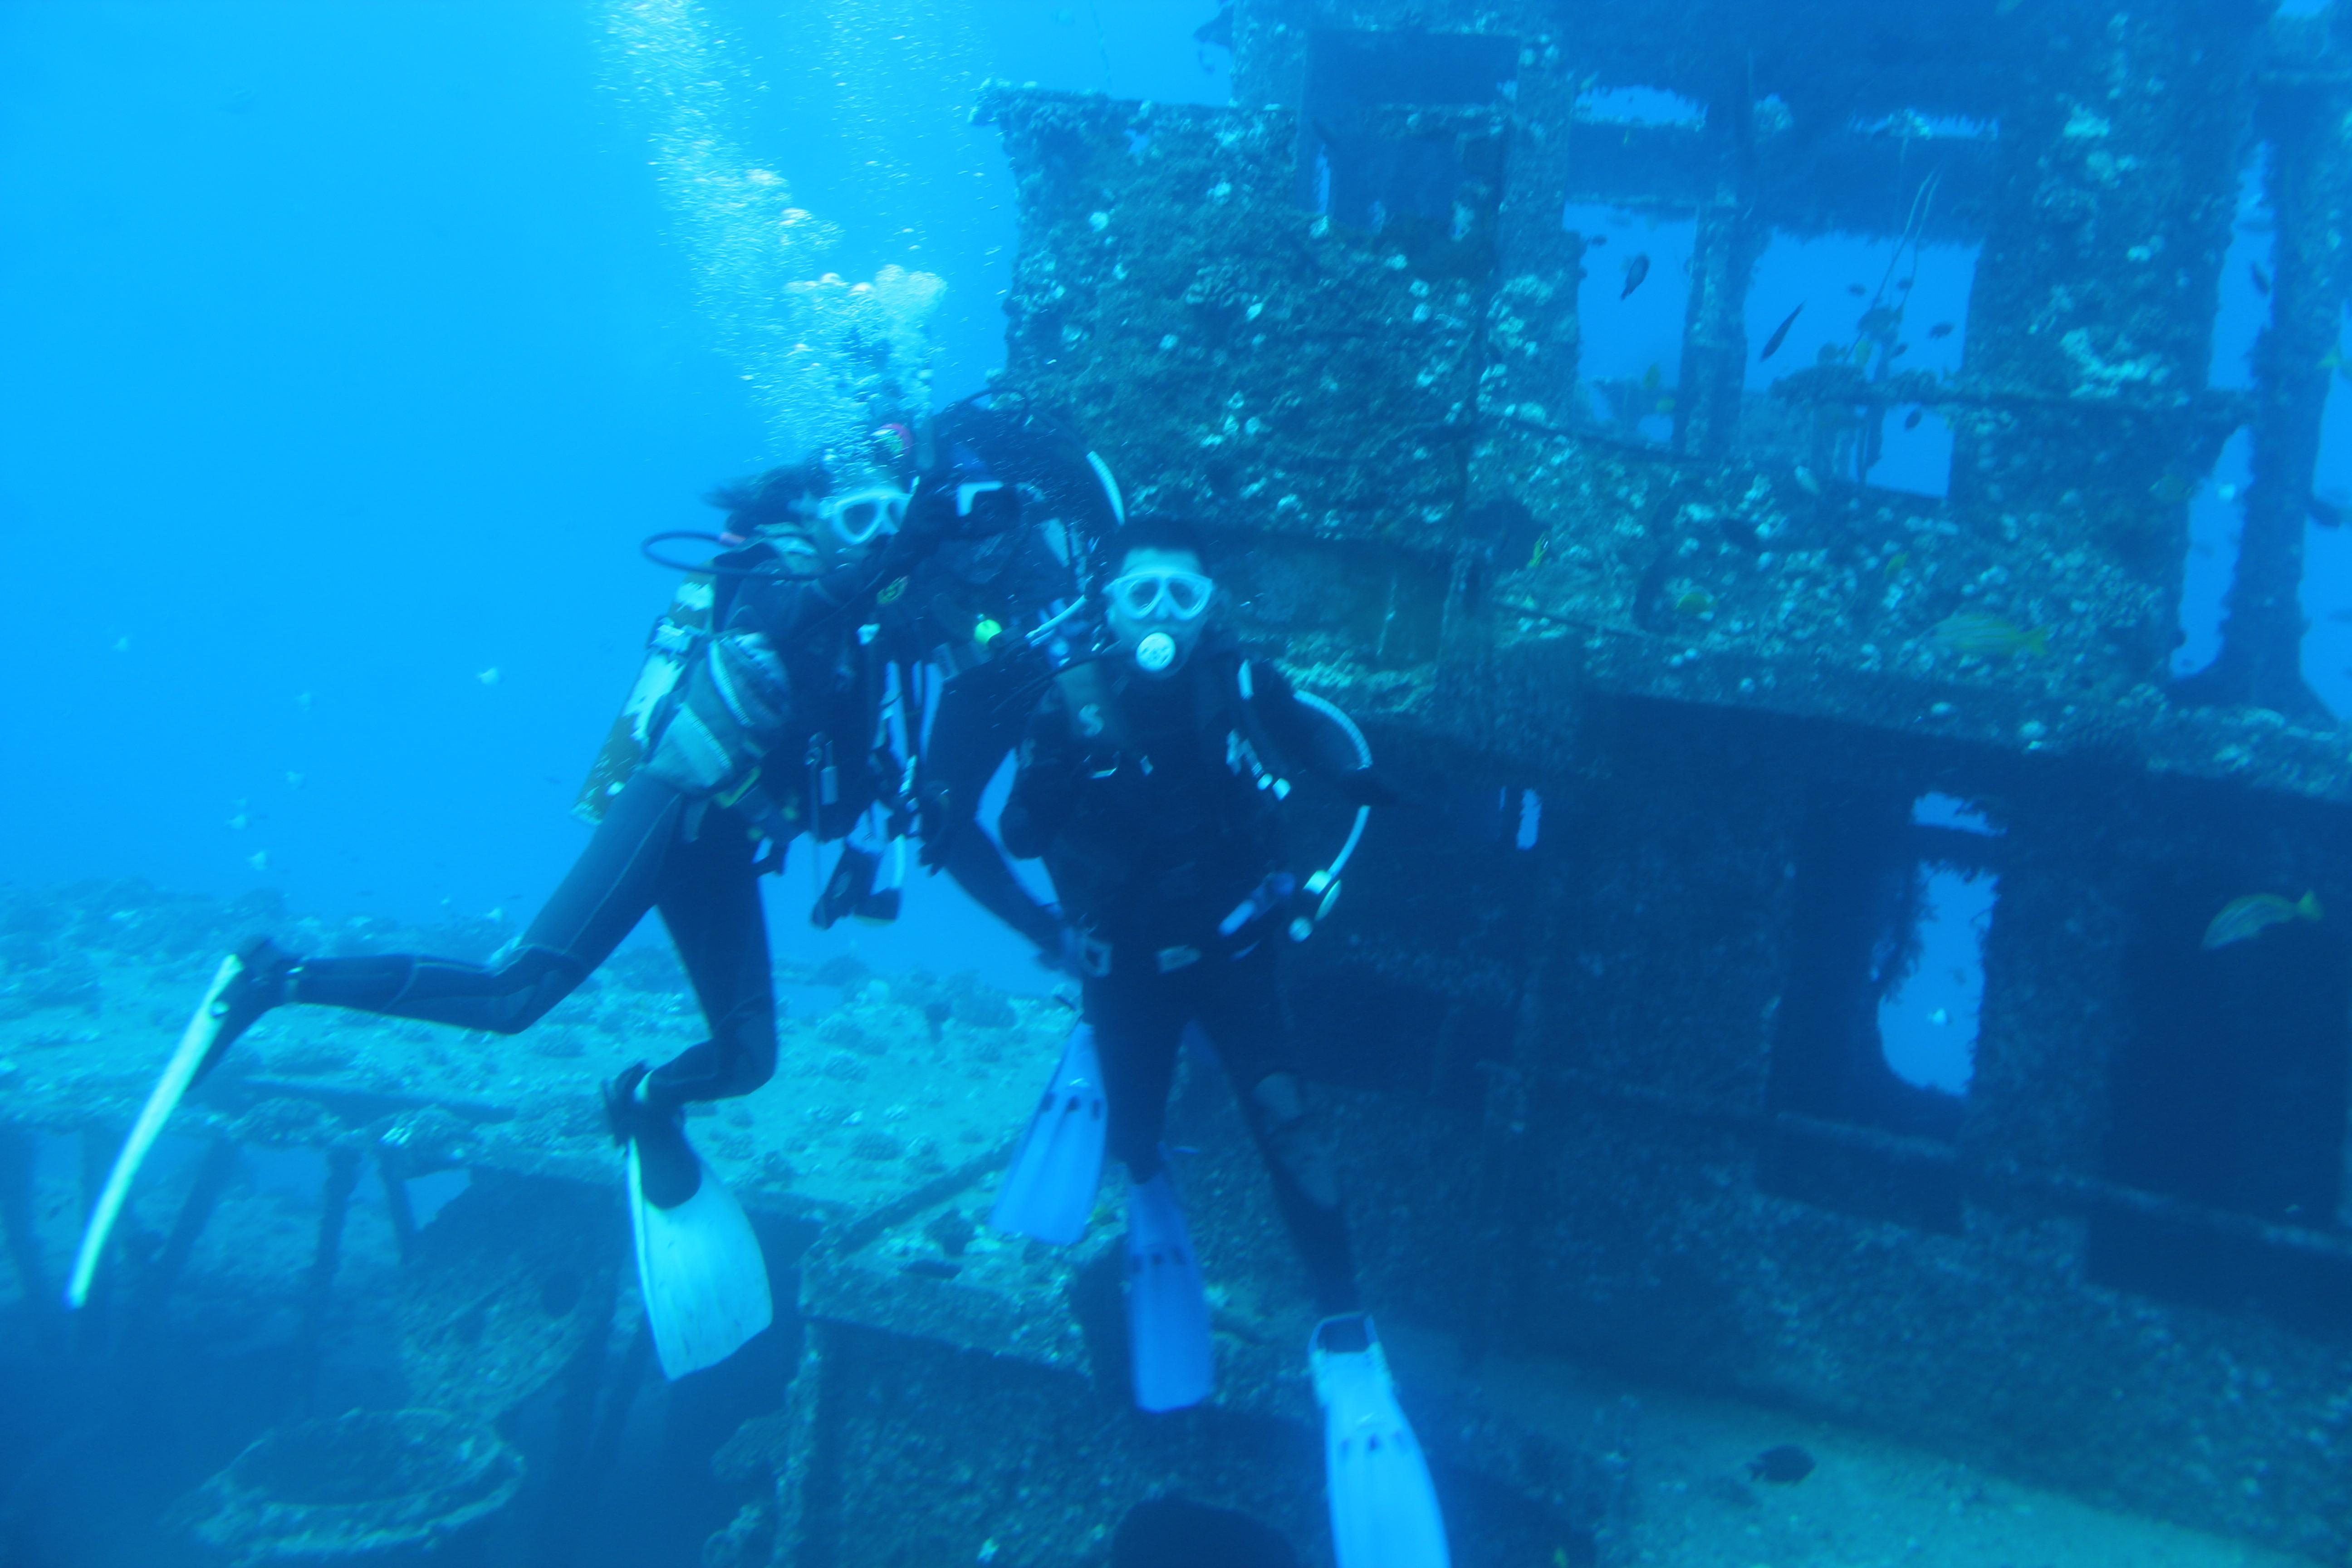 壁纸 海底 海底世界 海洋馆 水族馆 桌面 5184_3456